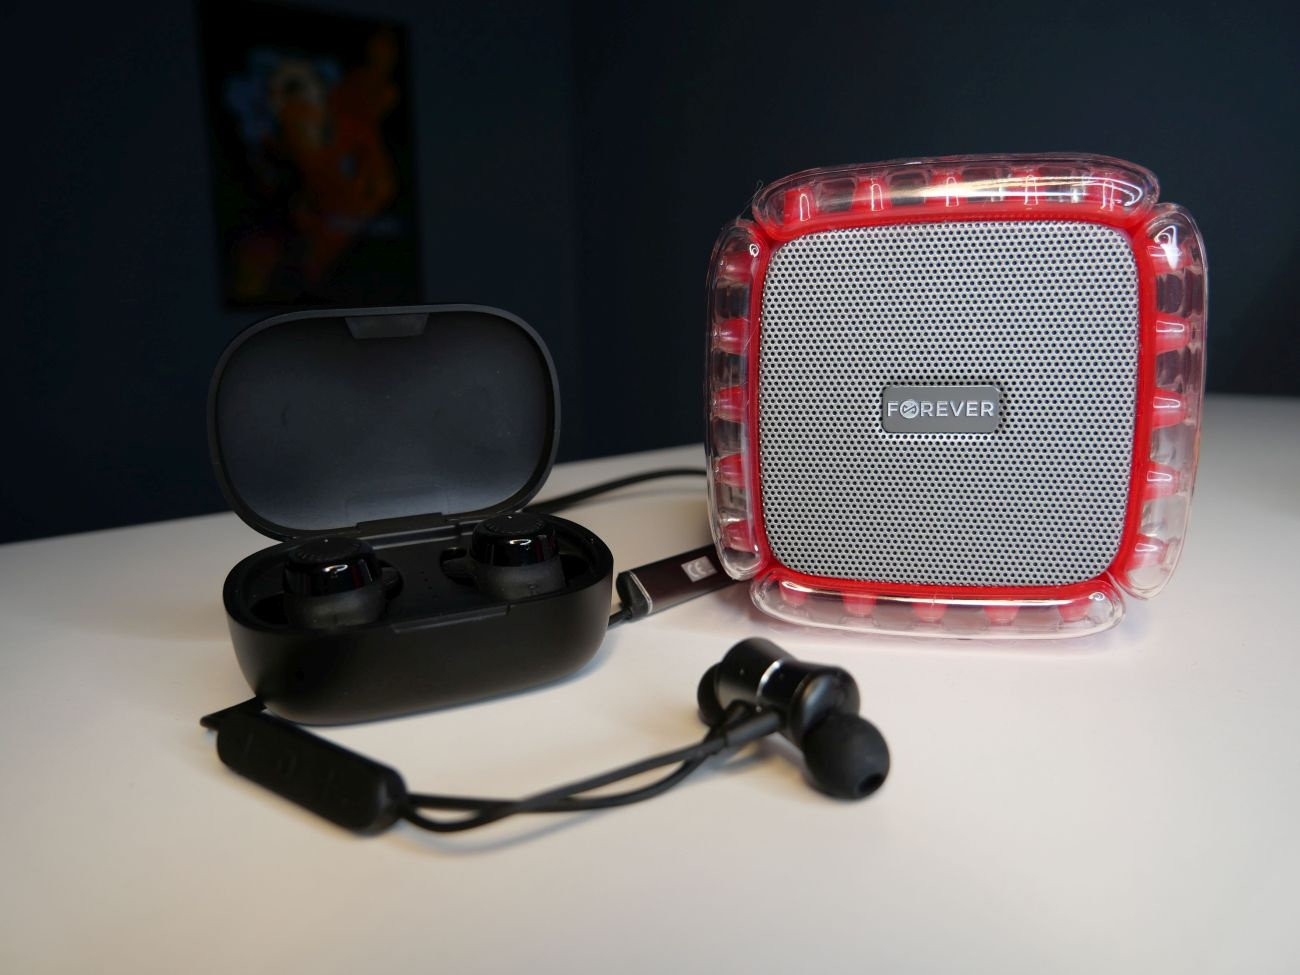 niedrogi zestaw mobilnego sprzętu audio firmy Forever